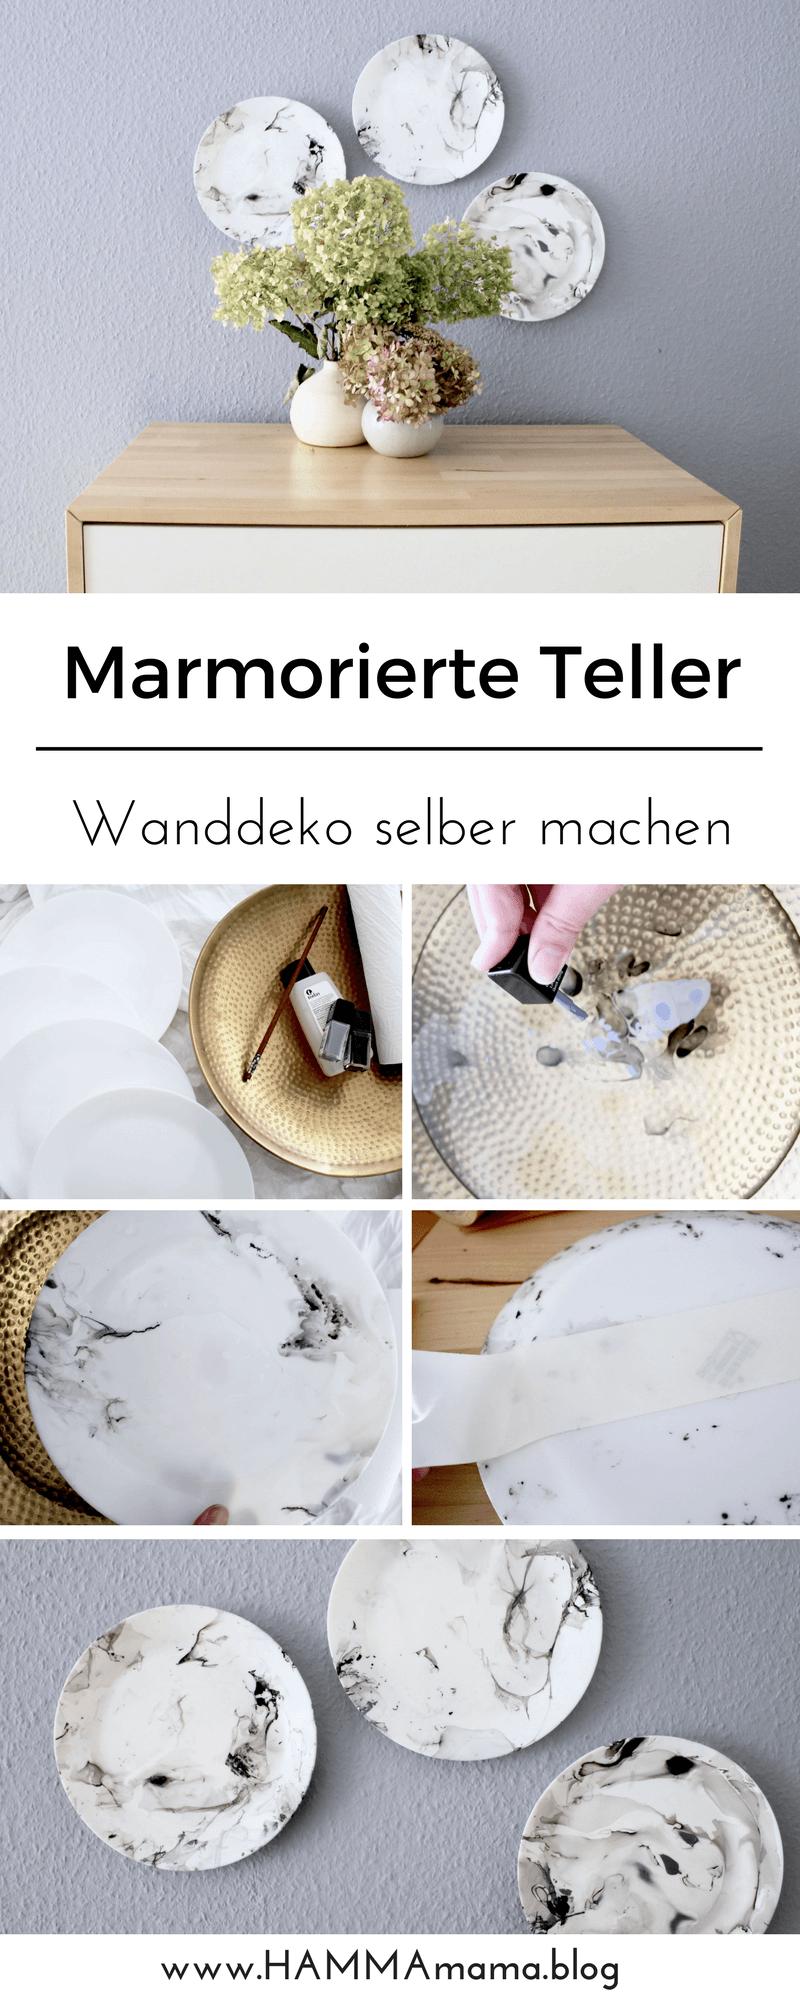 DIY-Idee für eine originelle Wanddekoration ° Teller marmorieren mit ...